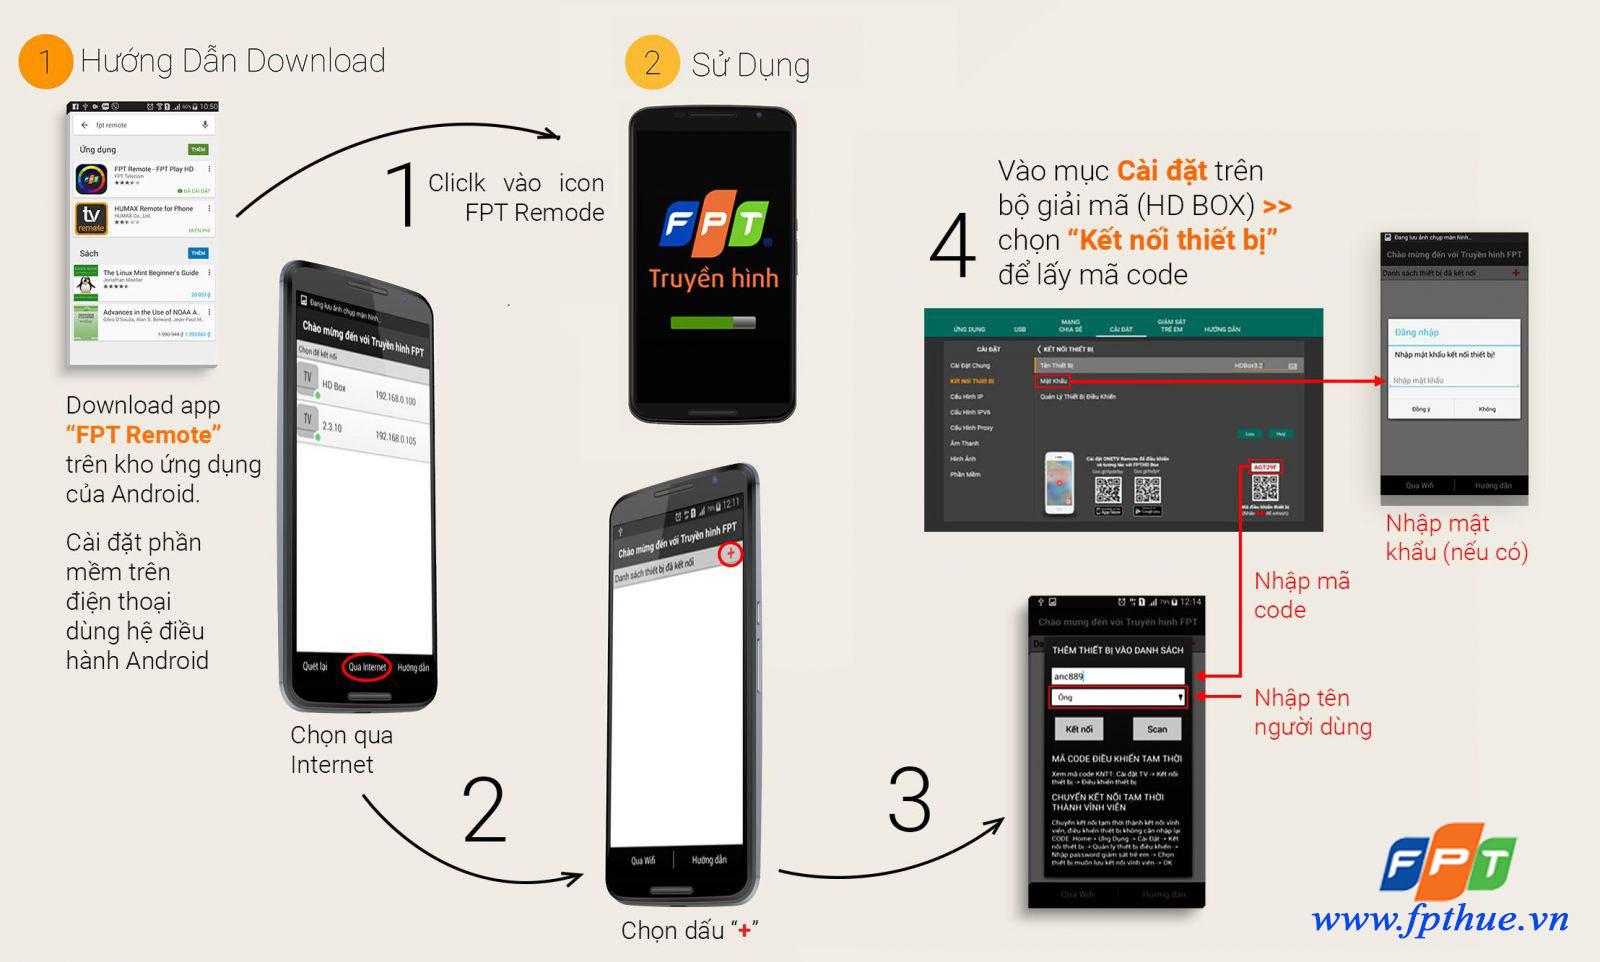 Download và hướng dẫn sử dụng FPT Remote